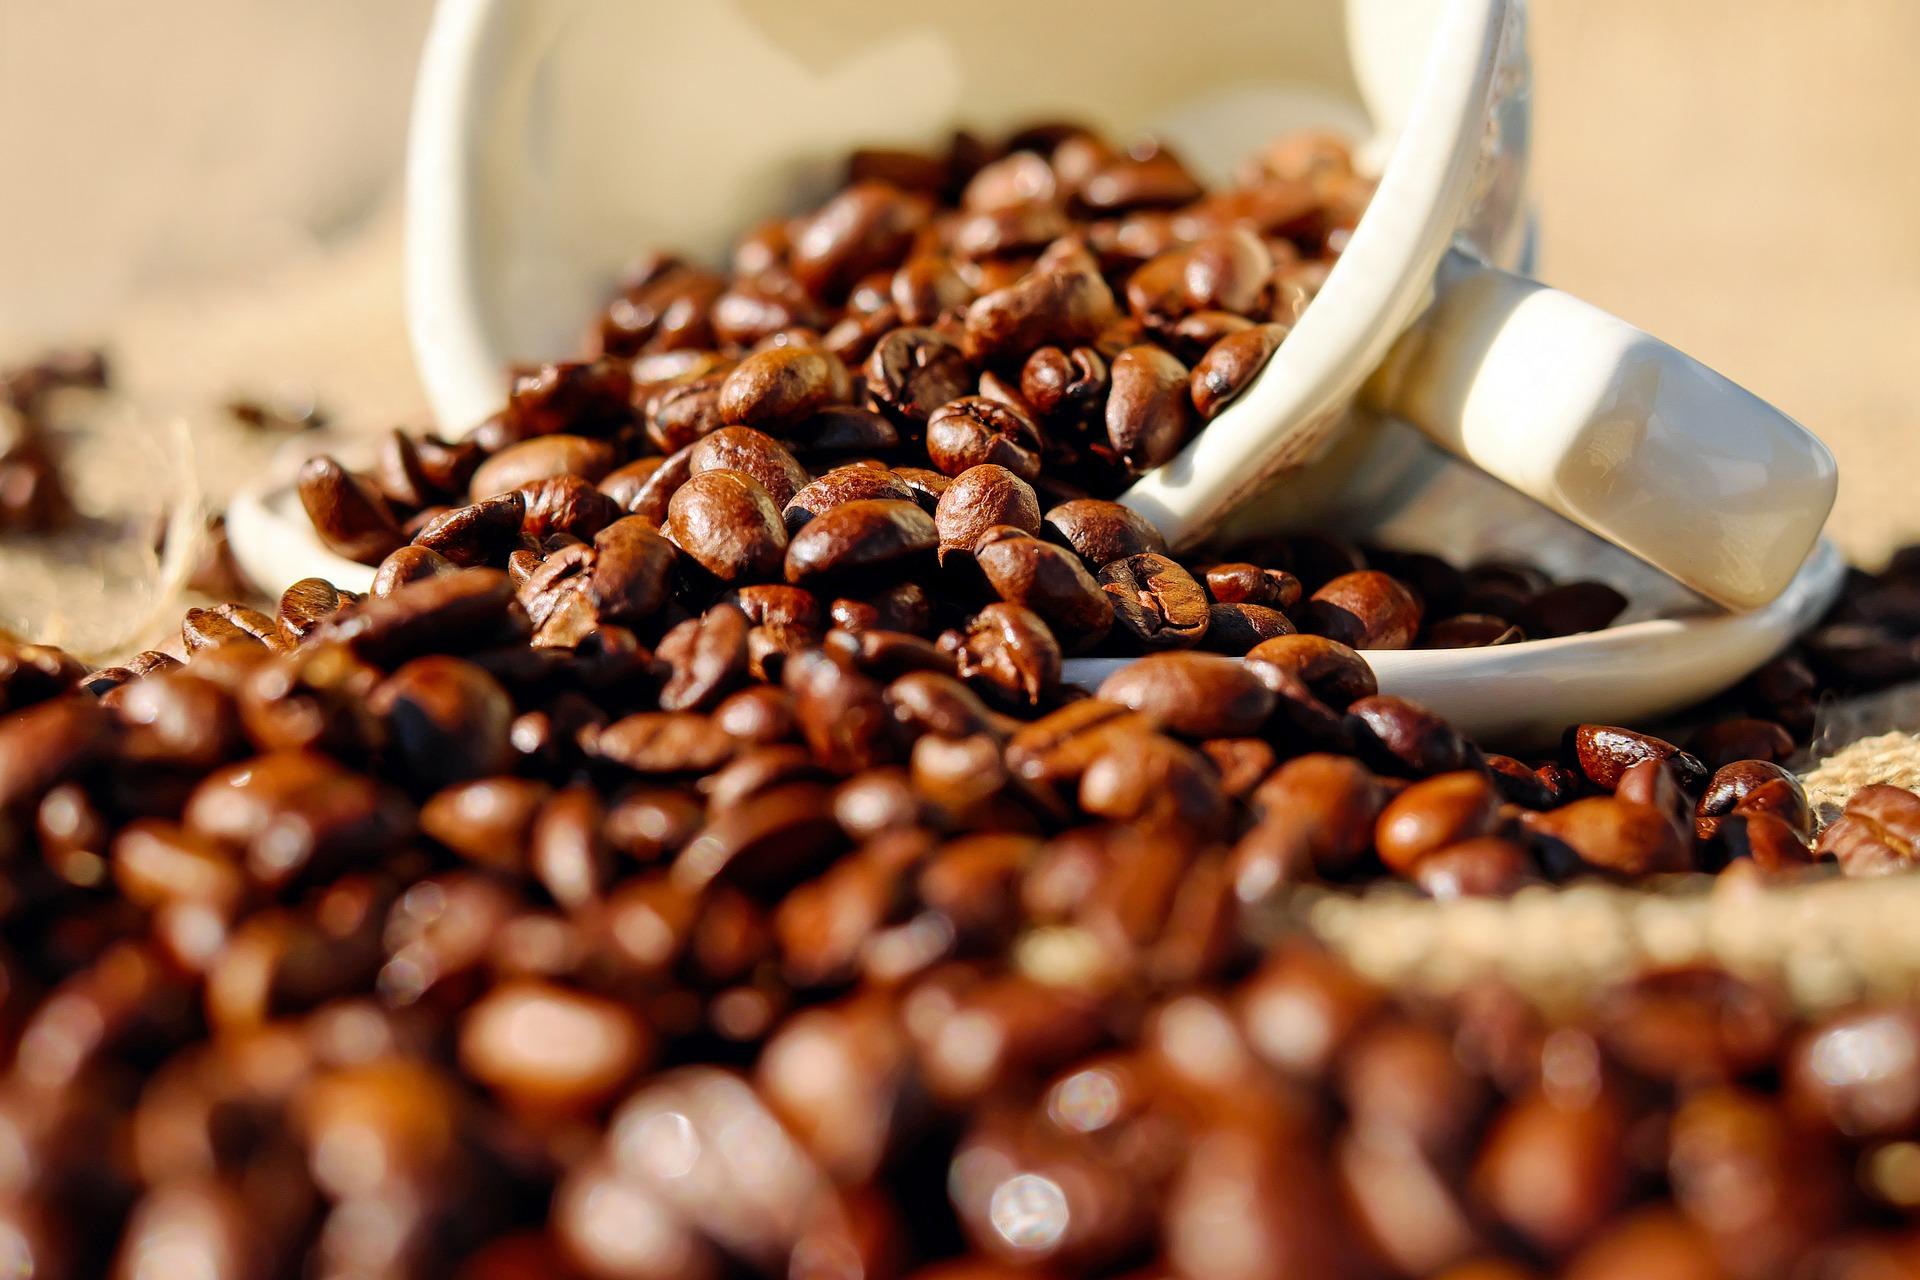 断ち カフェ 頭痛 イン カフェイン断ちは離脱症状が苦しいけどメリットだらけでした|あさひ一元論